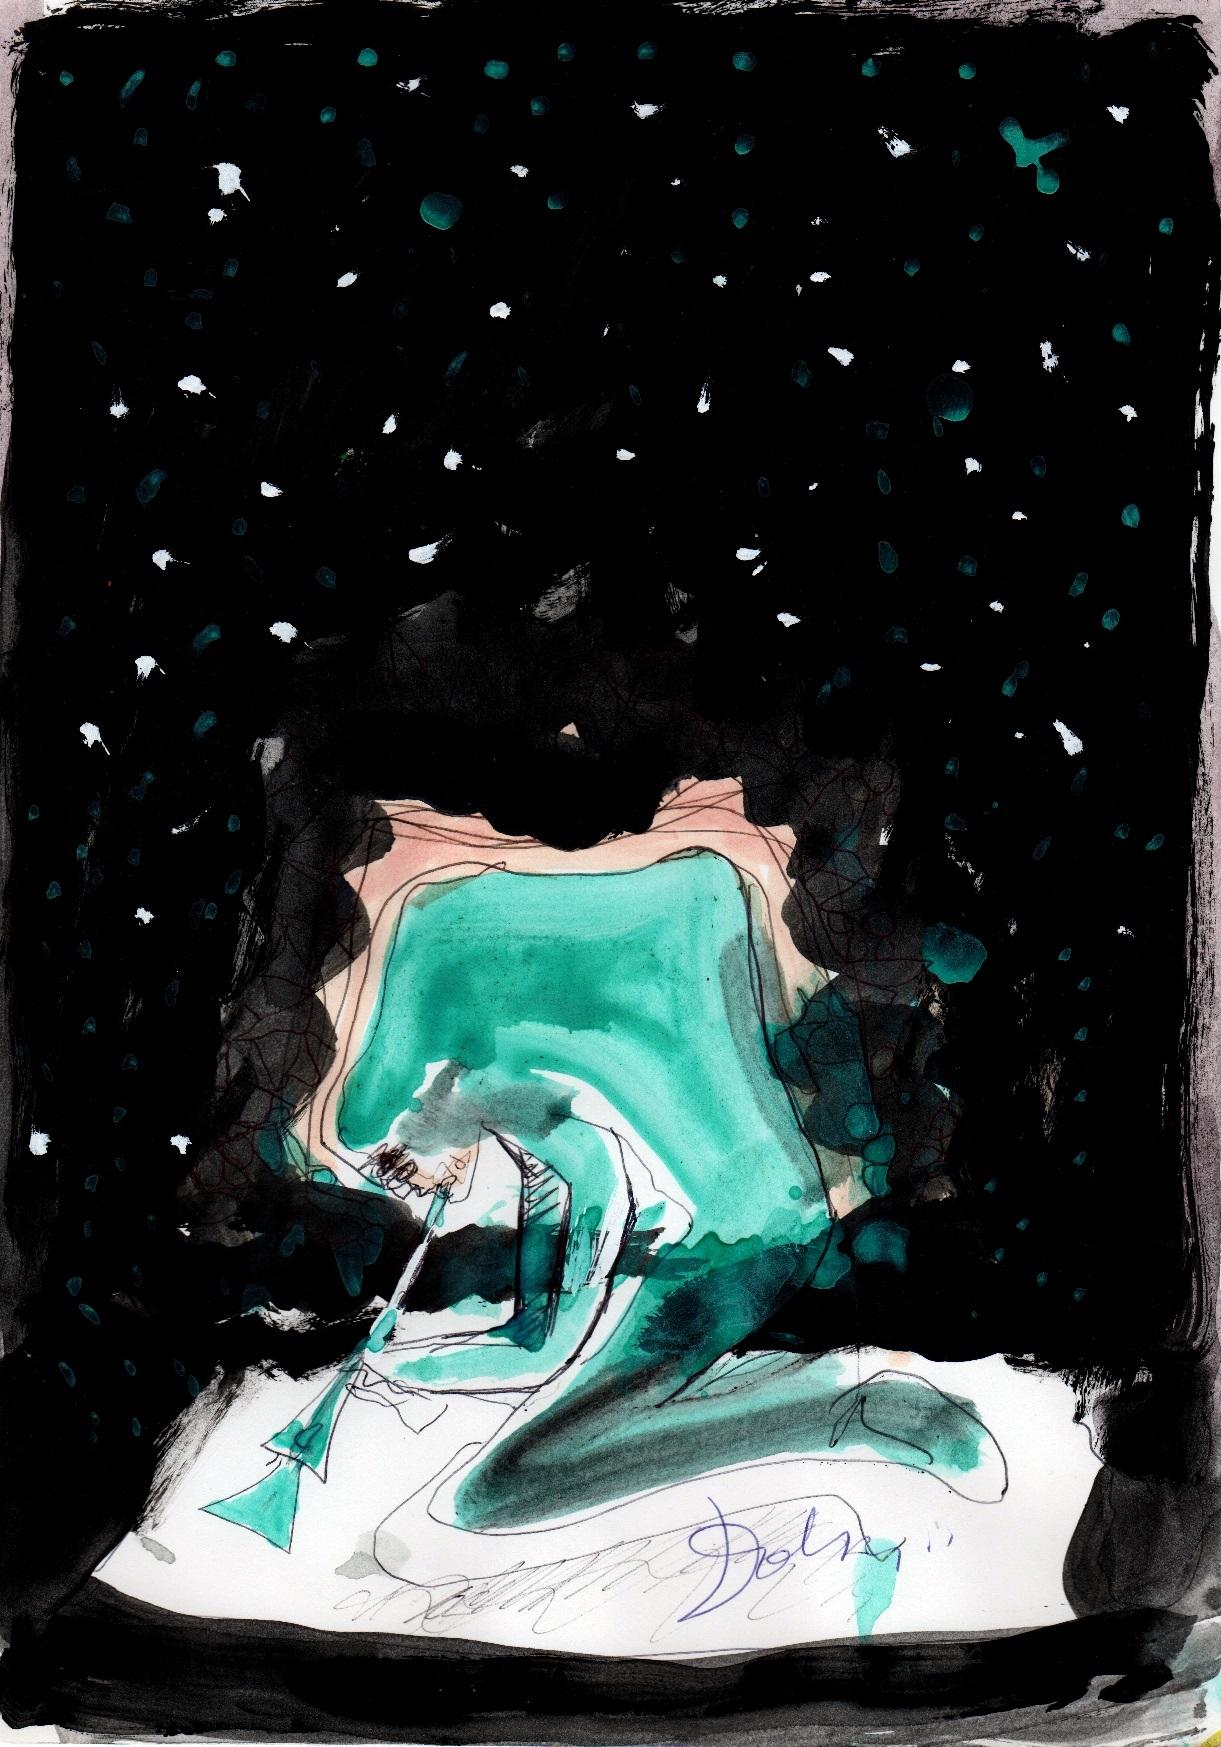 Suona la notte, acrilici, penna e pennarello su carta, 2002, cm 29,5 x 21